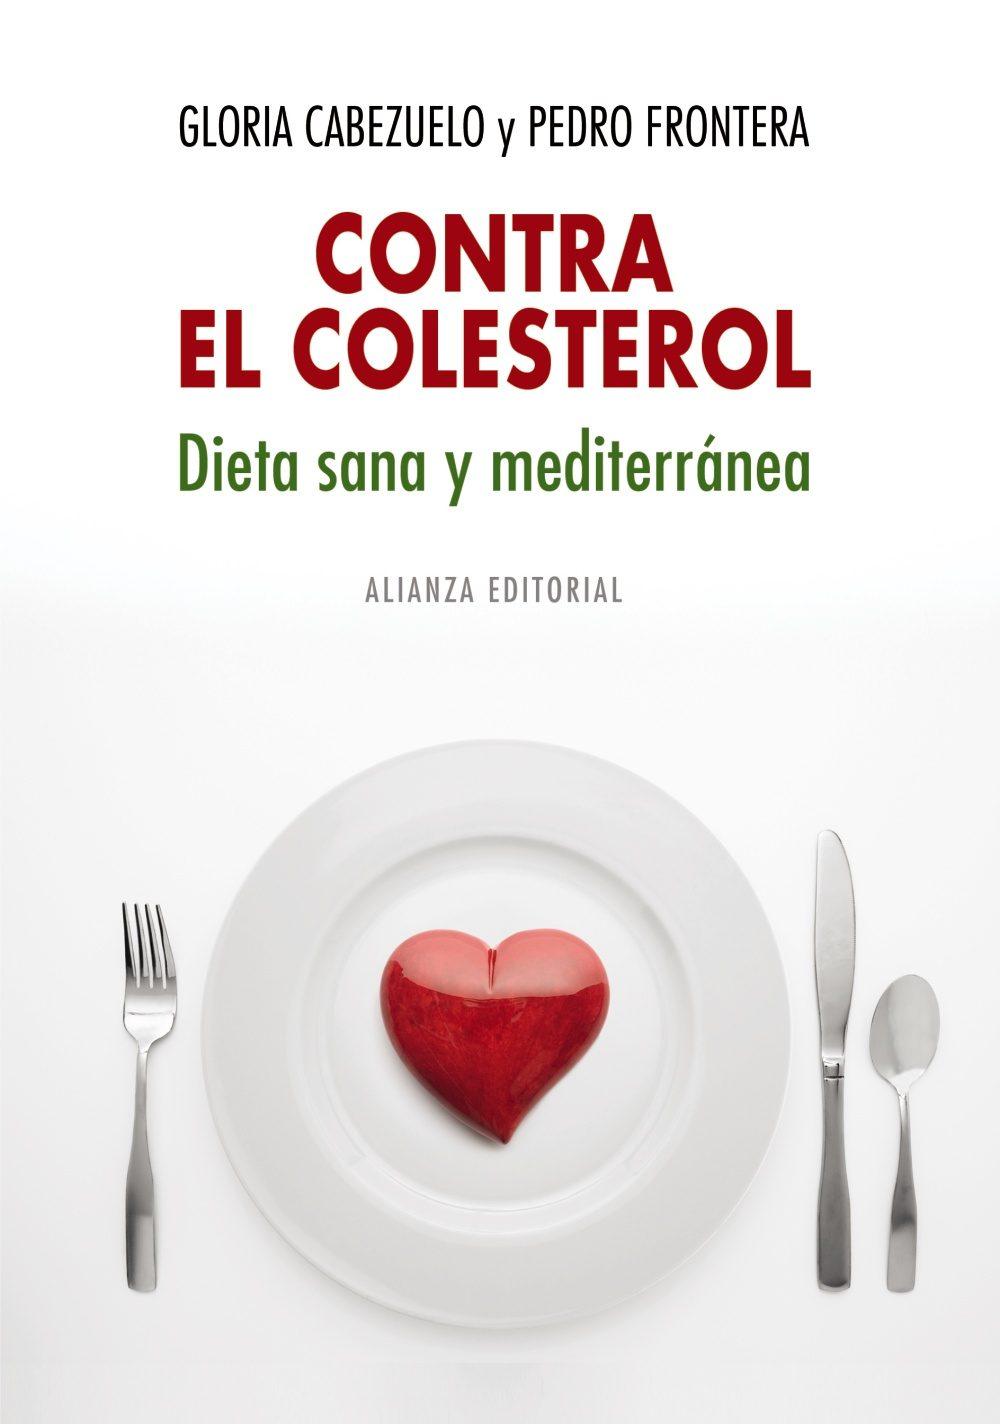 Contra el colesterol: dieta sana y mediterránea; gloria cabezuelo